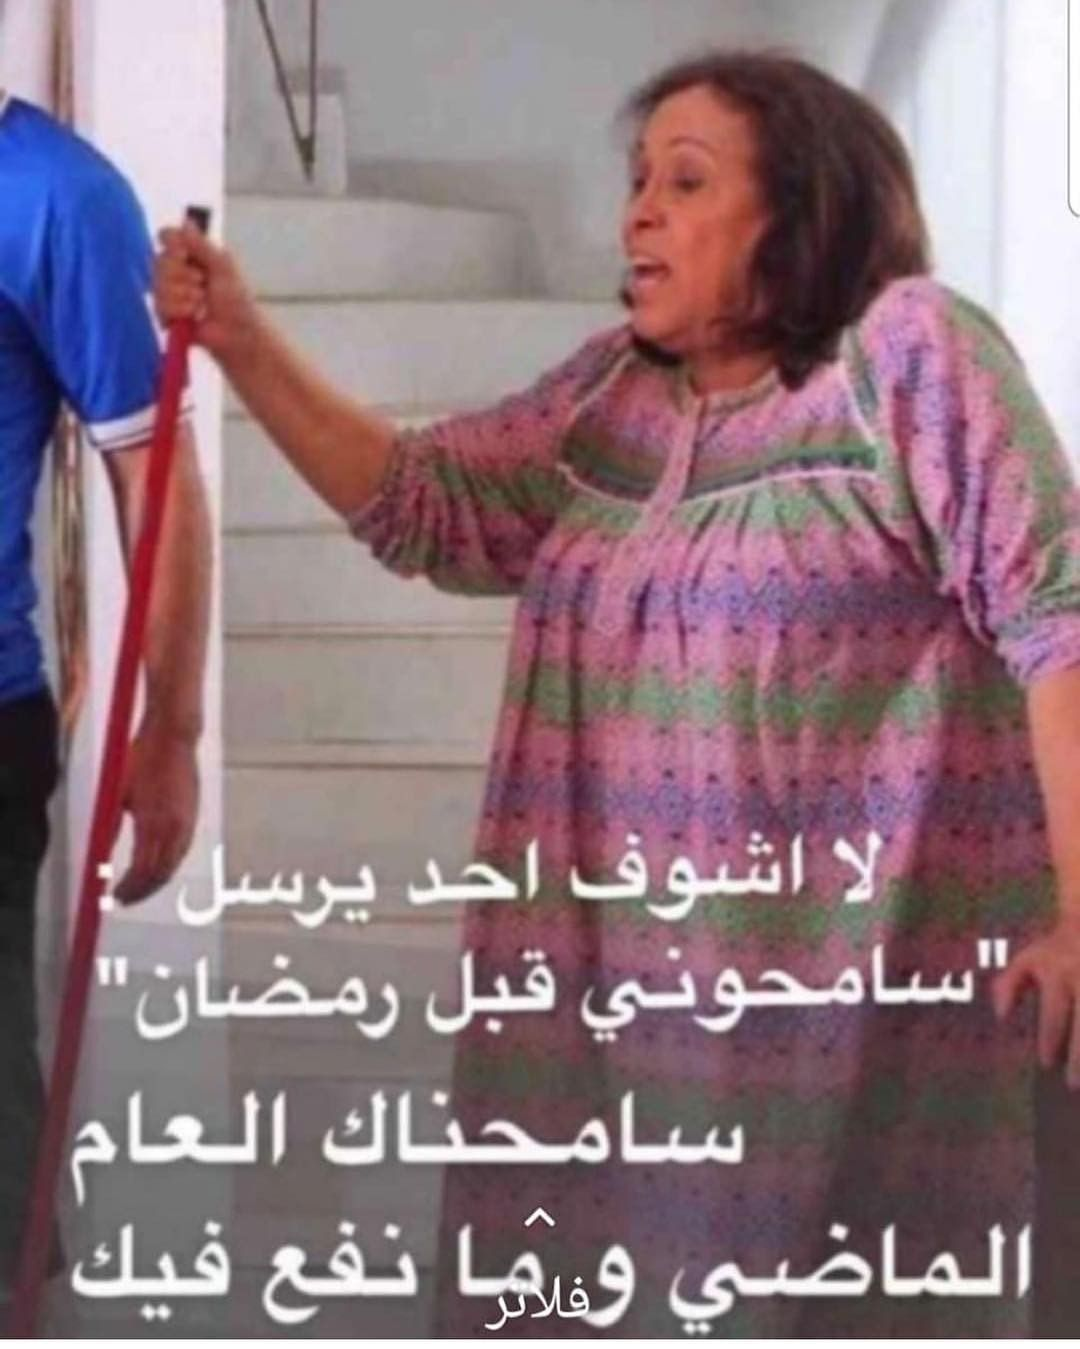 الله يبلغنا رمضان وياكم يارب Arabic Funny Ramadan Funny Jokes